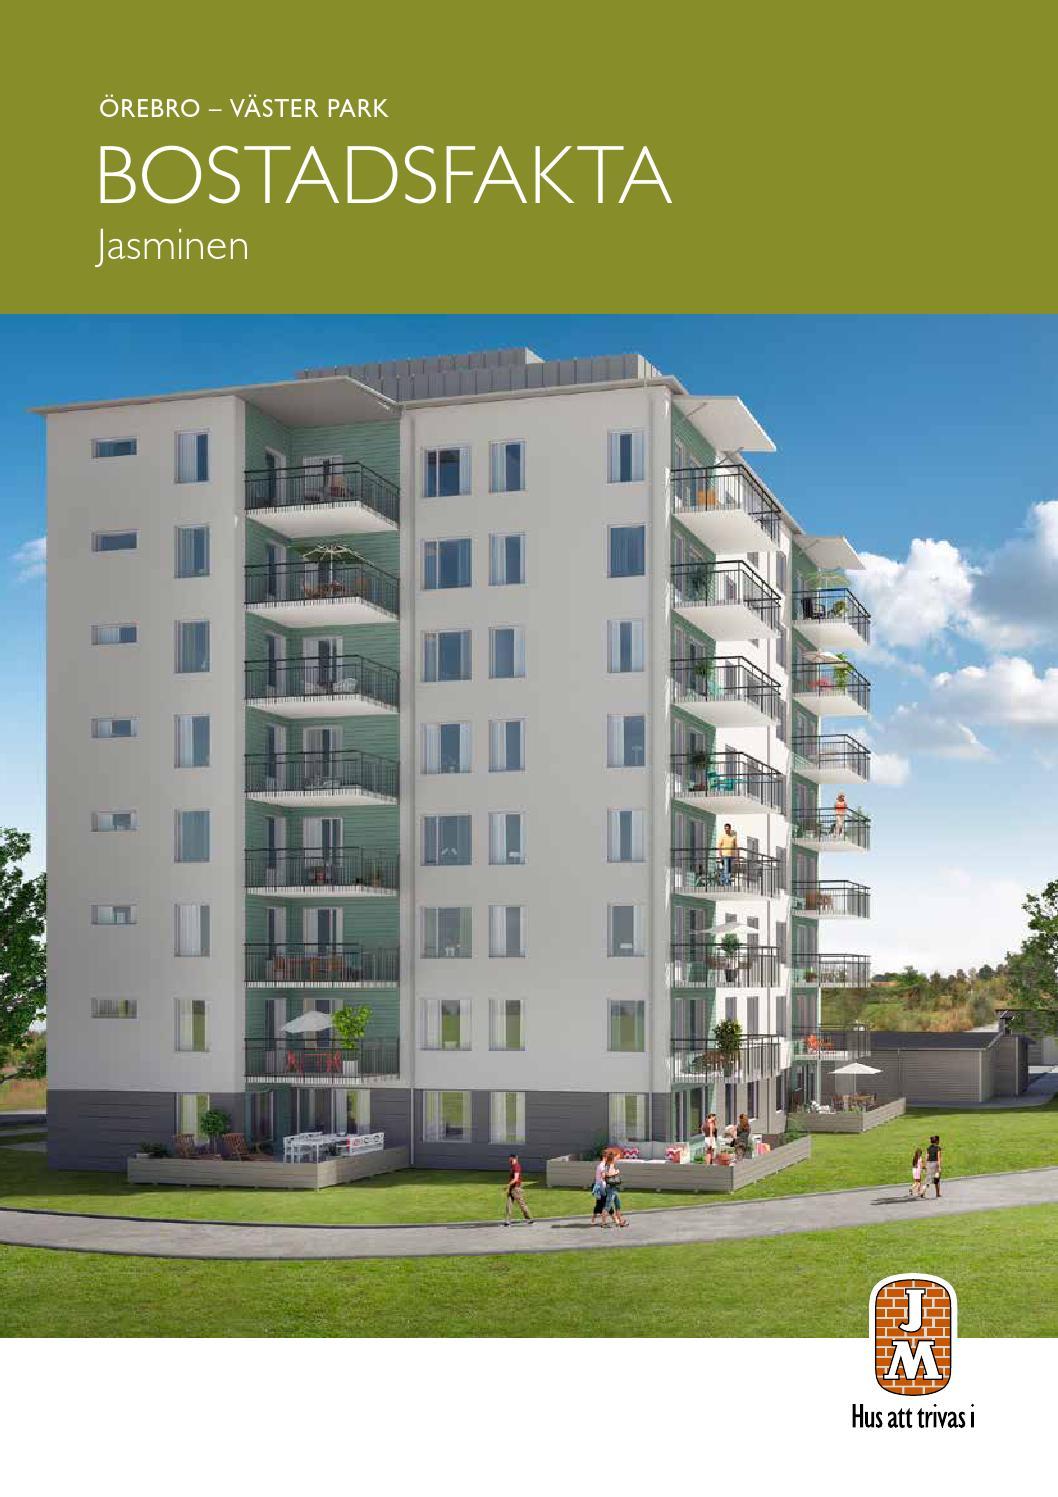 Jm, Örebro: väster park   jasminen. bostadsfakta. by jm ab   issuu